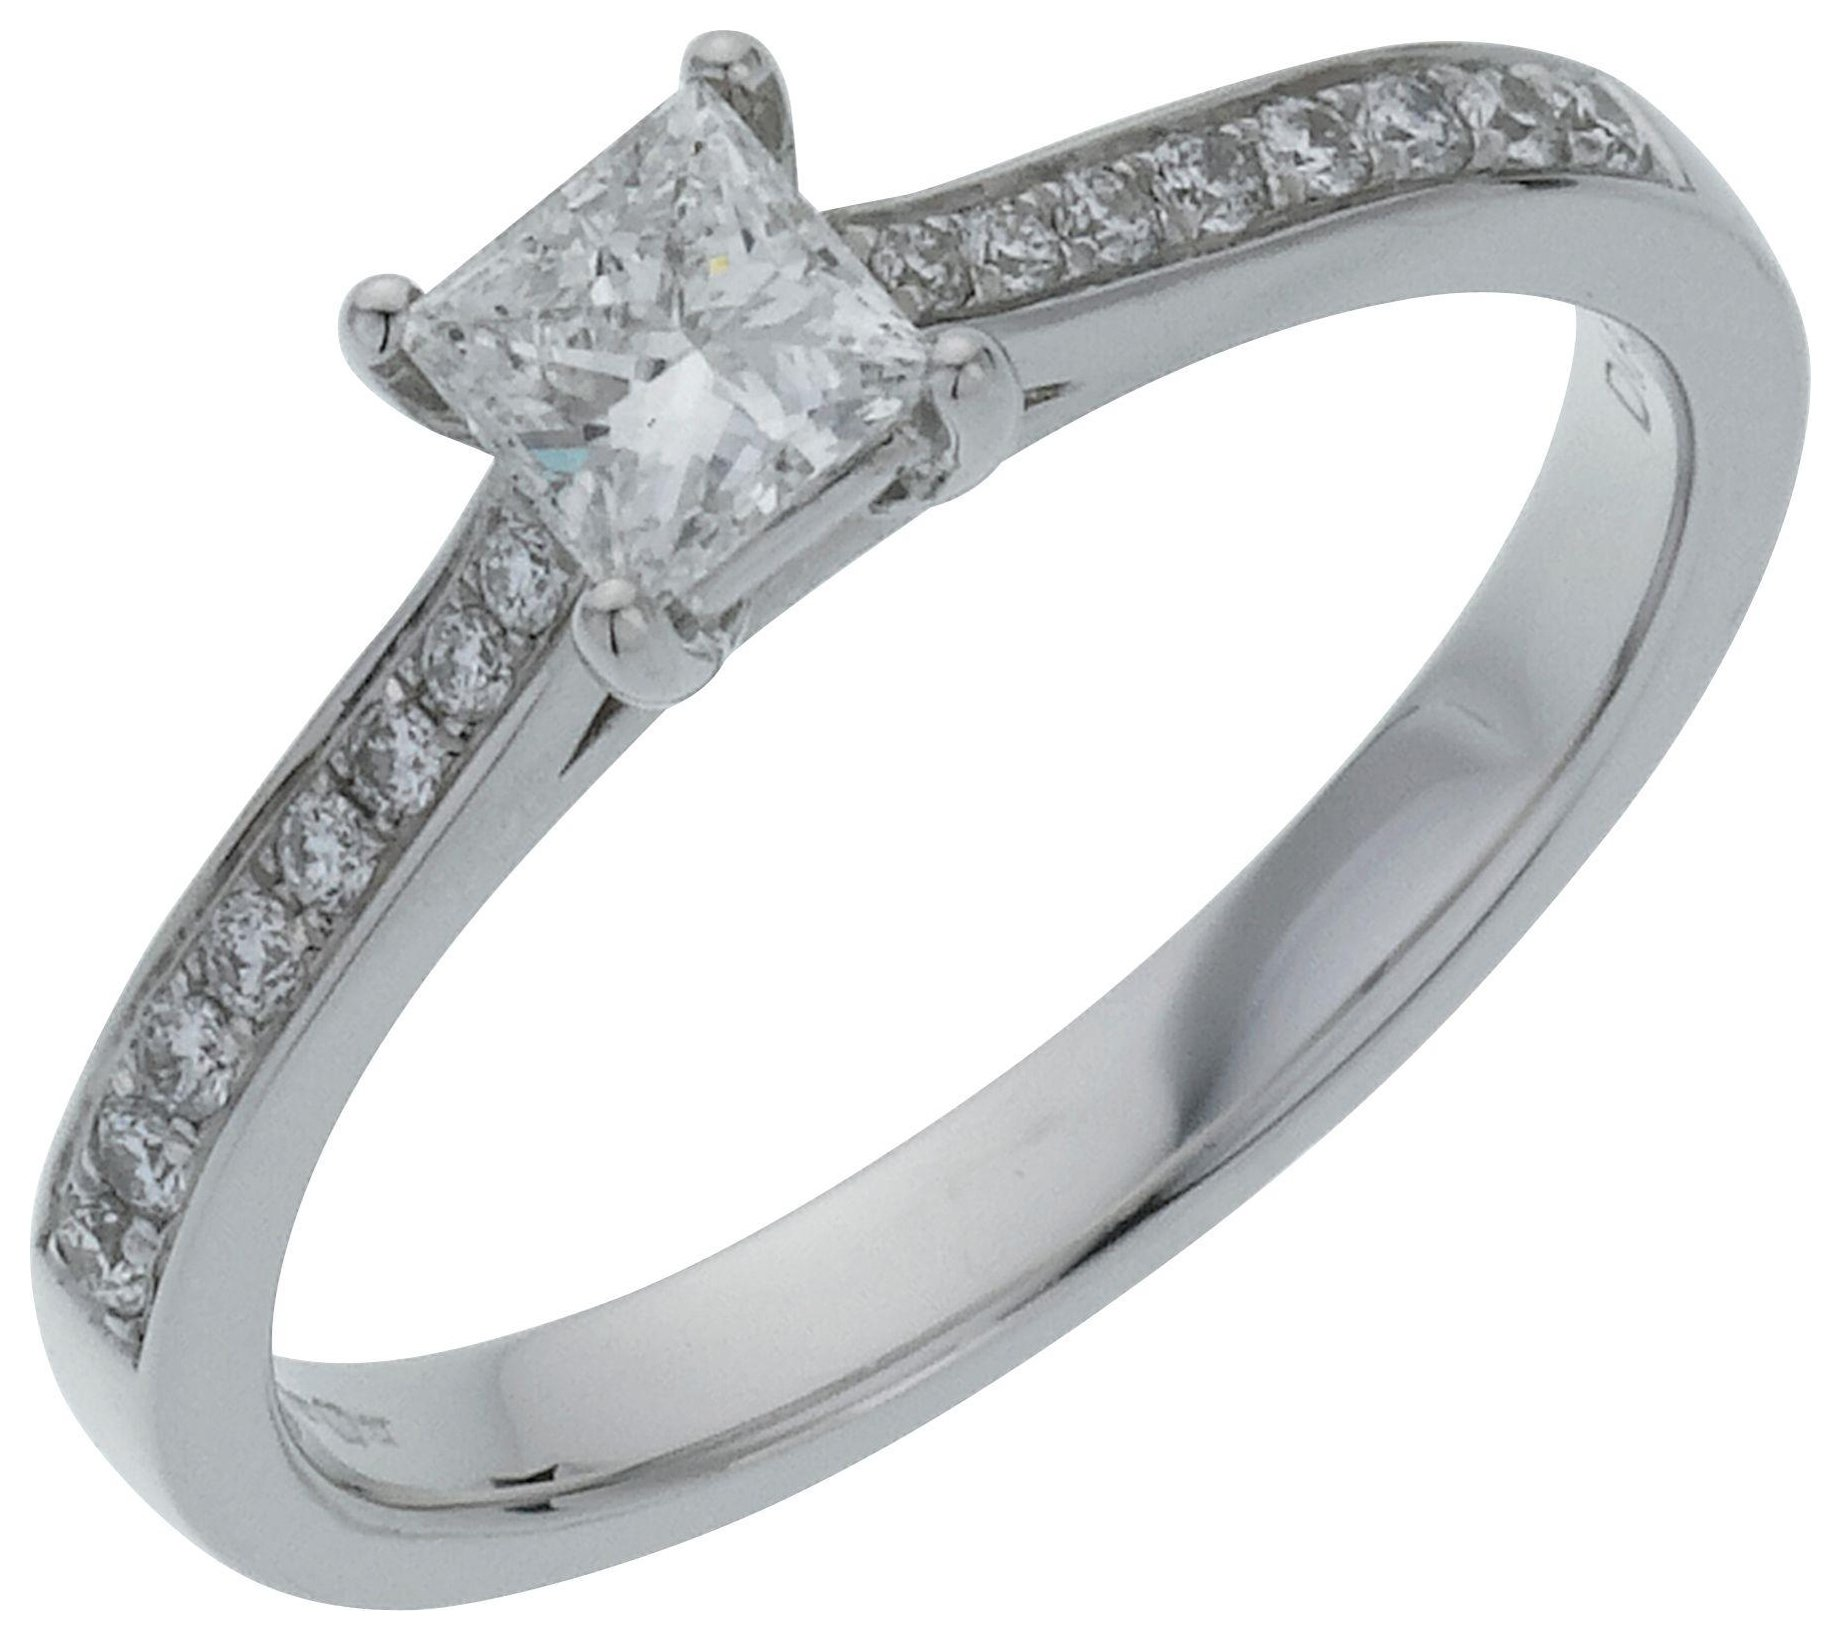 18 Carat White Gold 05 Carat Diamond - Princess Cut Shoulder Ring- T